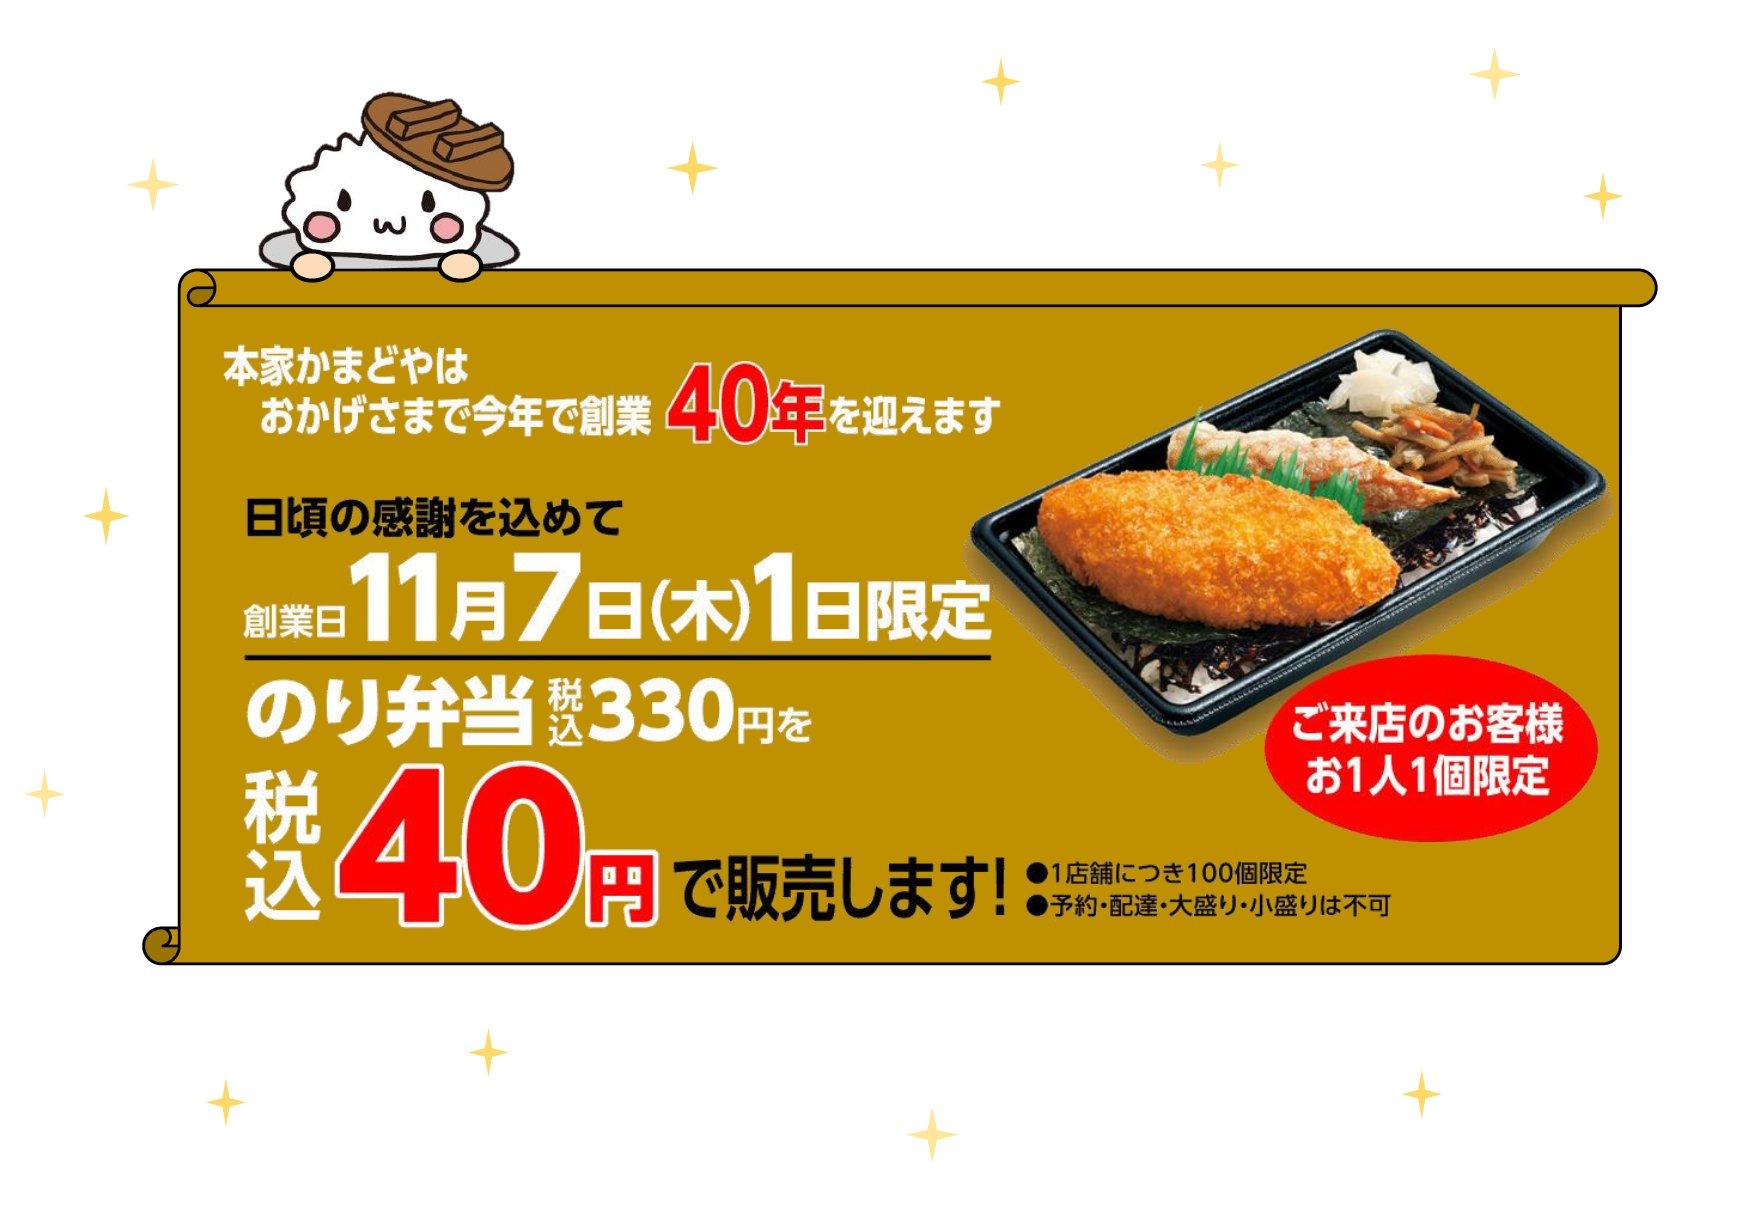 本家かまどや|のり弁が驚愕の40円!!対象店舗や条件は?